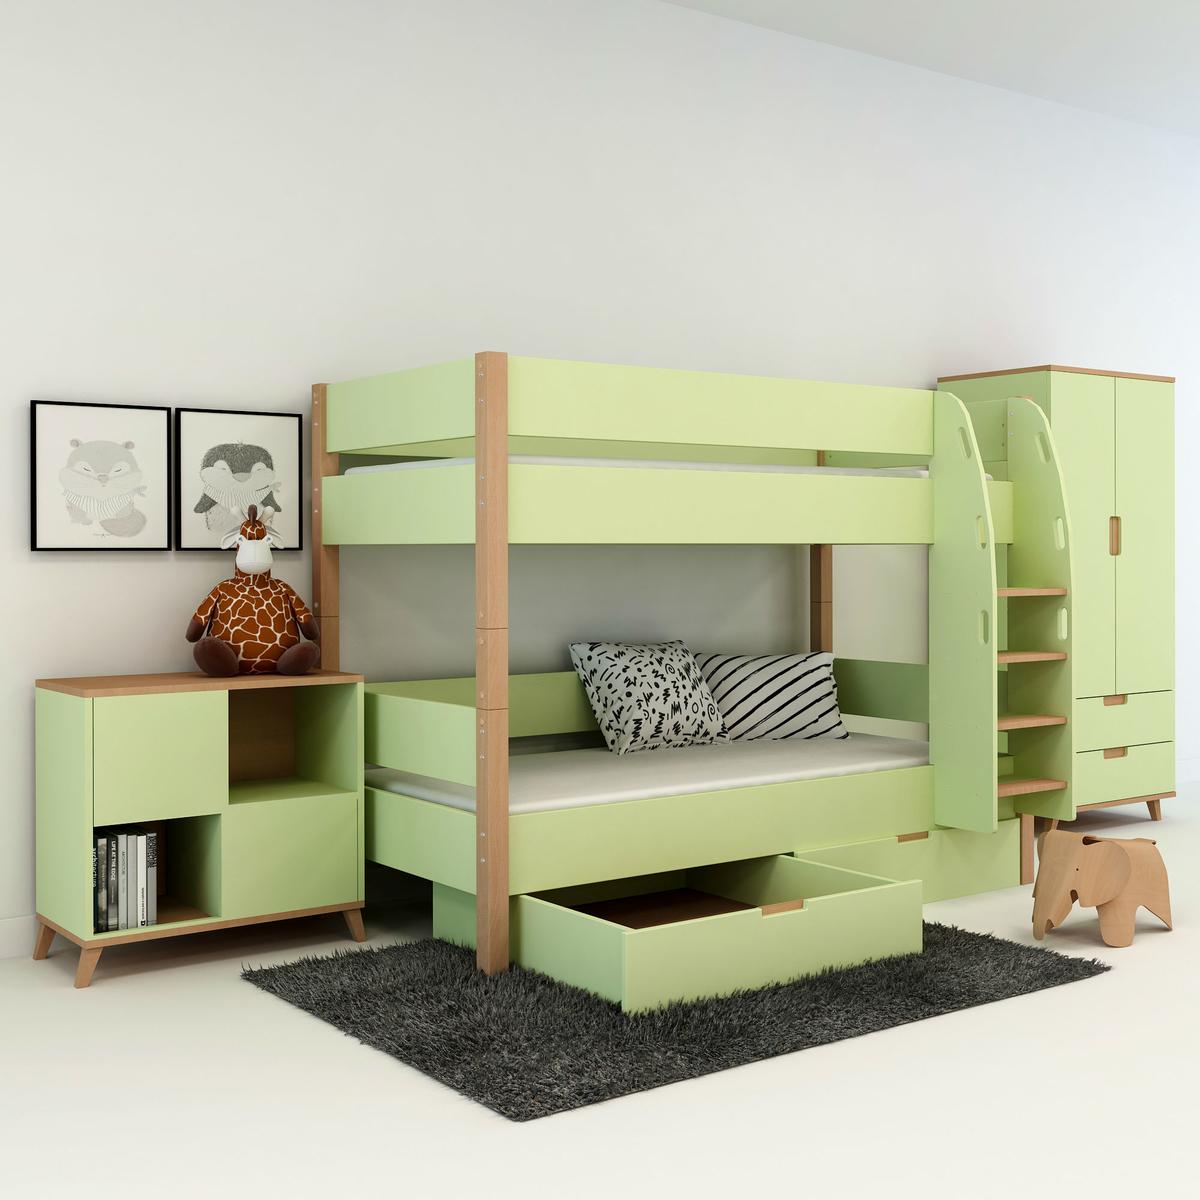 etagenbett mit bettkasten f r kinder und jugendliche. Black Bedroom Furniture Sets. Home Design Ideas